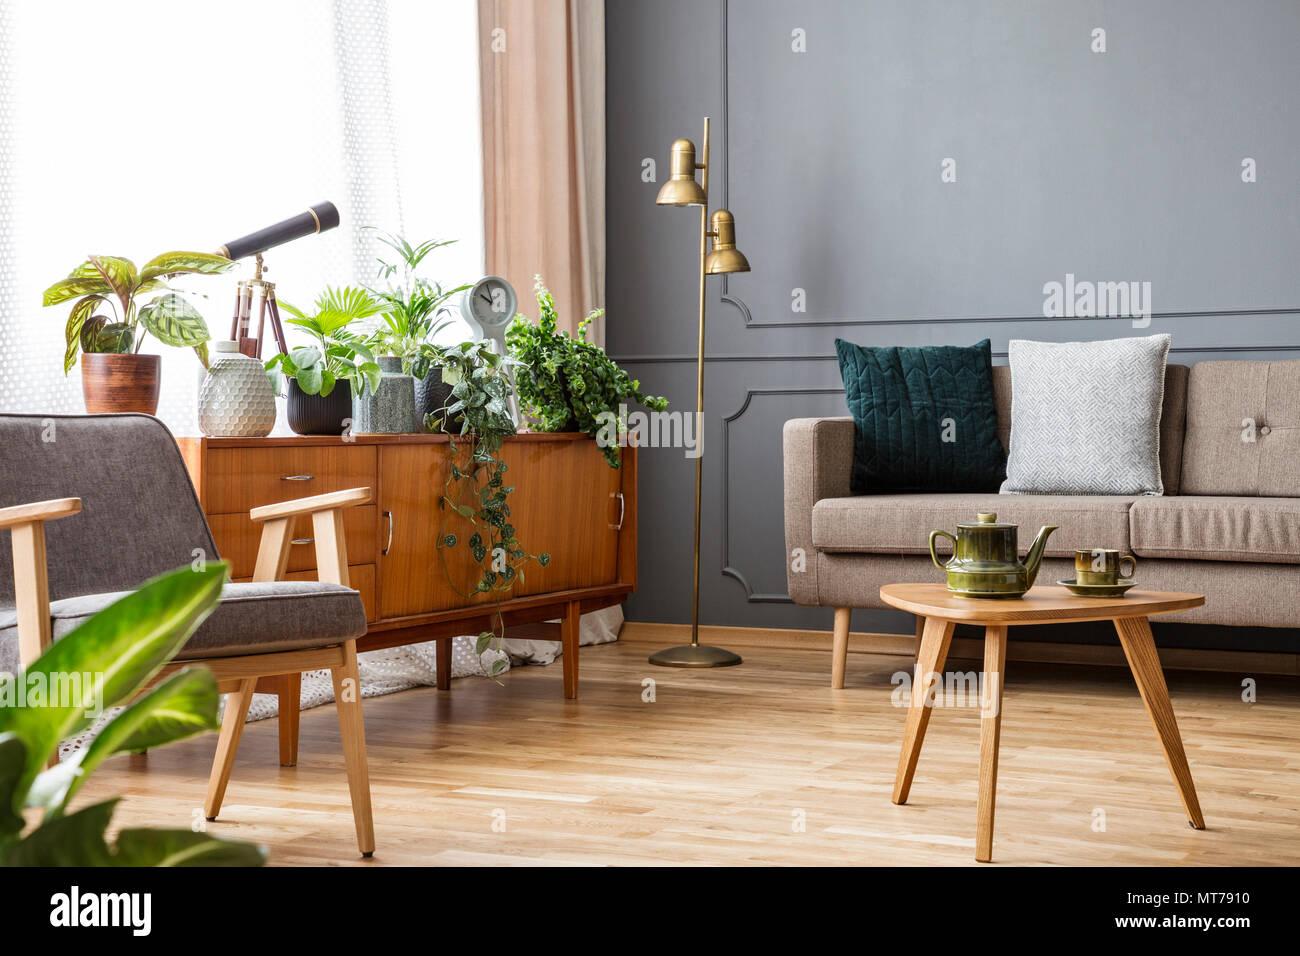 Holztisch In Vintage Wohnzimmer Interieur Mit Schrank